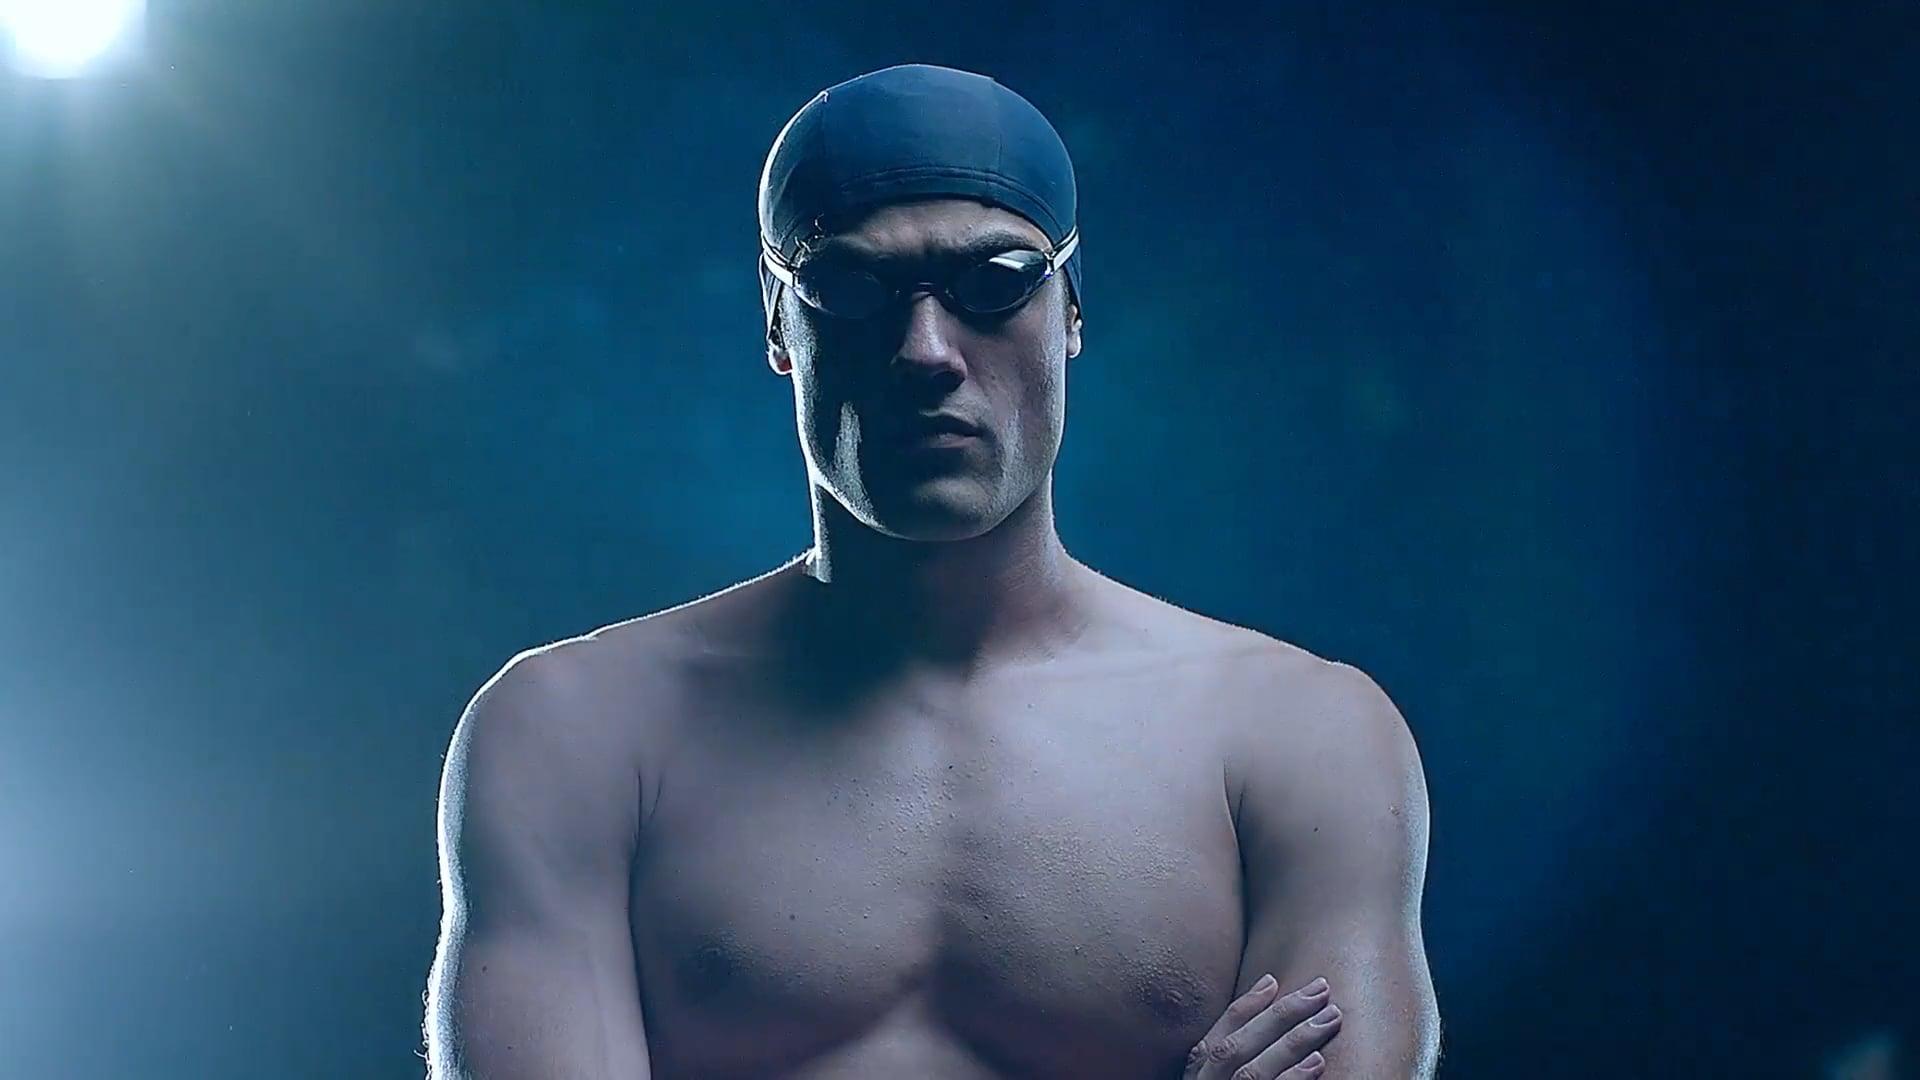 Mehmet AKSIN DOP-Samsung - 29. Boğaziçi Kıtalararası Yüzme Yarışı TVC